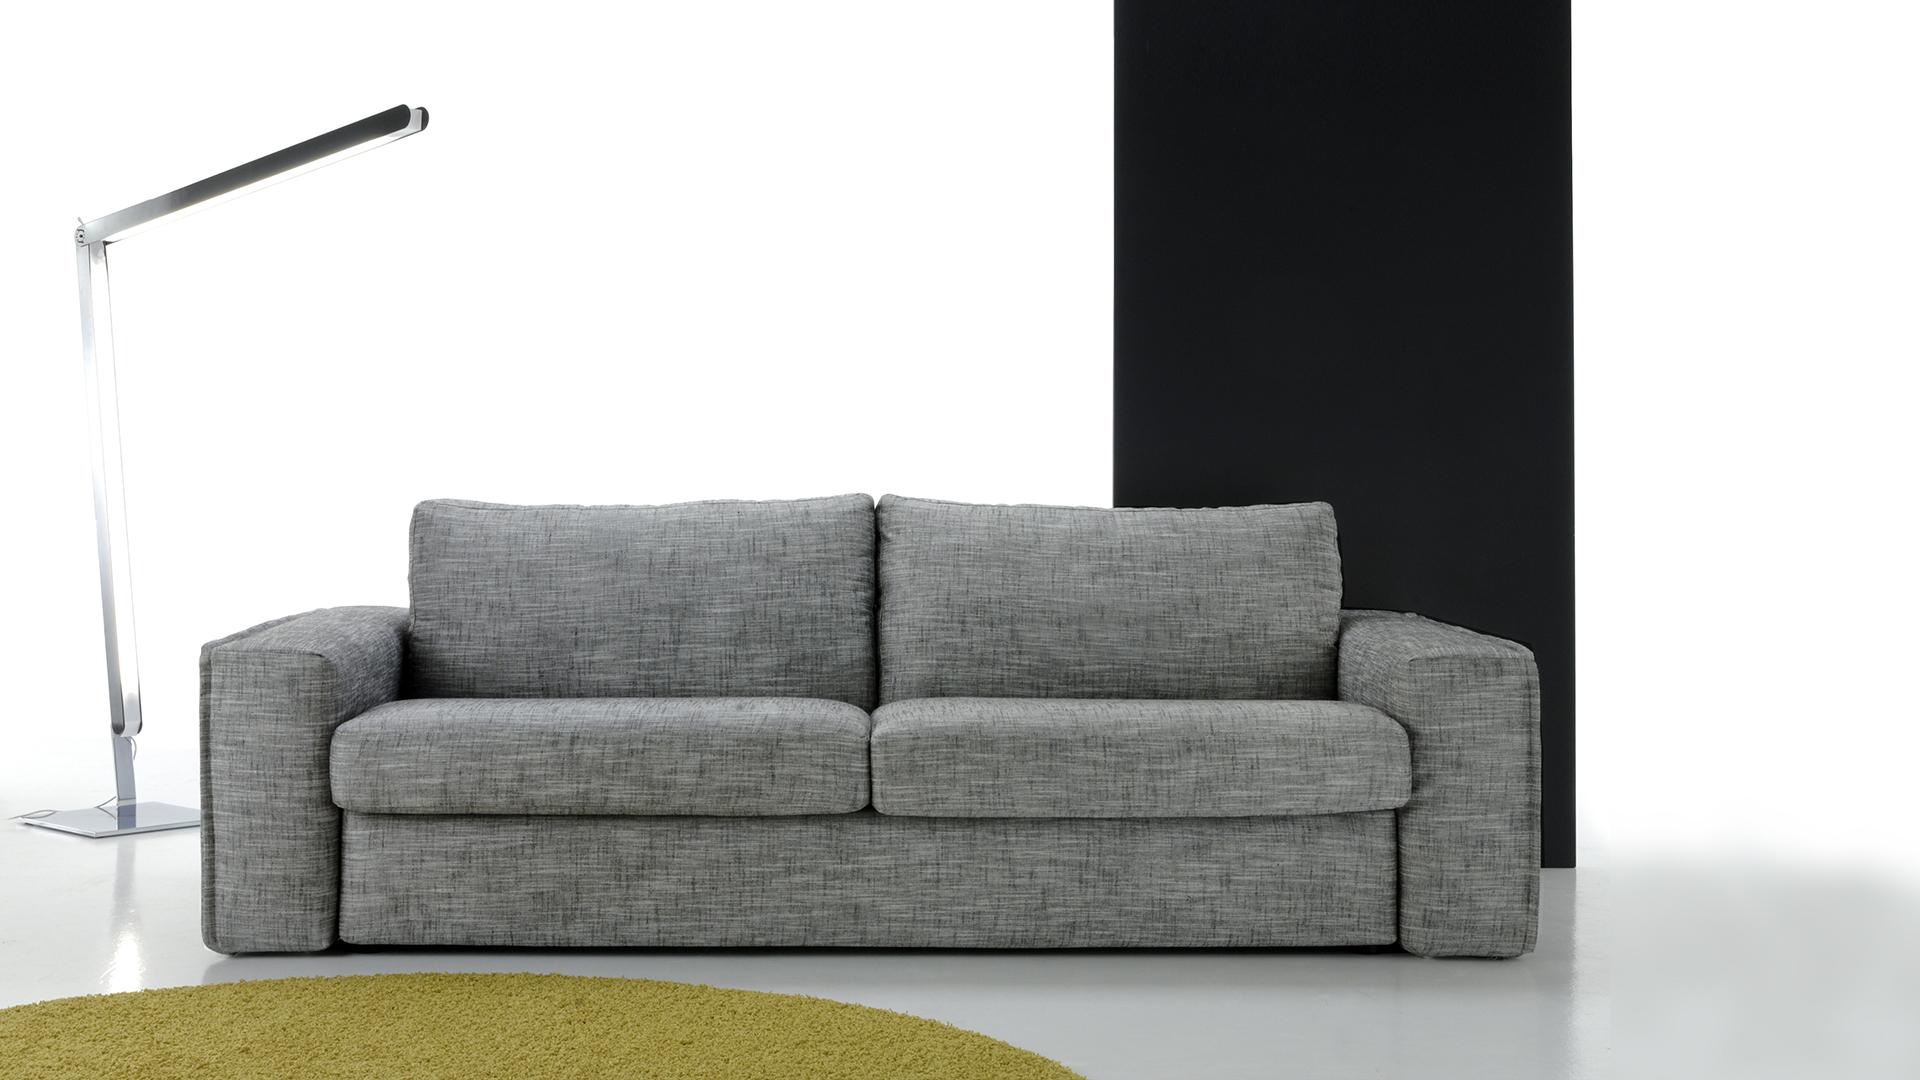 divano-letto-rete-20-cm-attimo-murtarelli